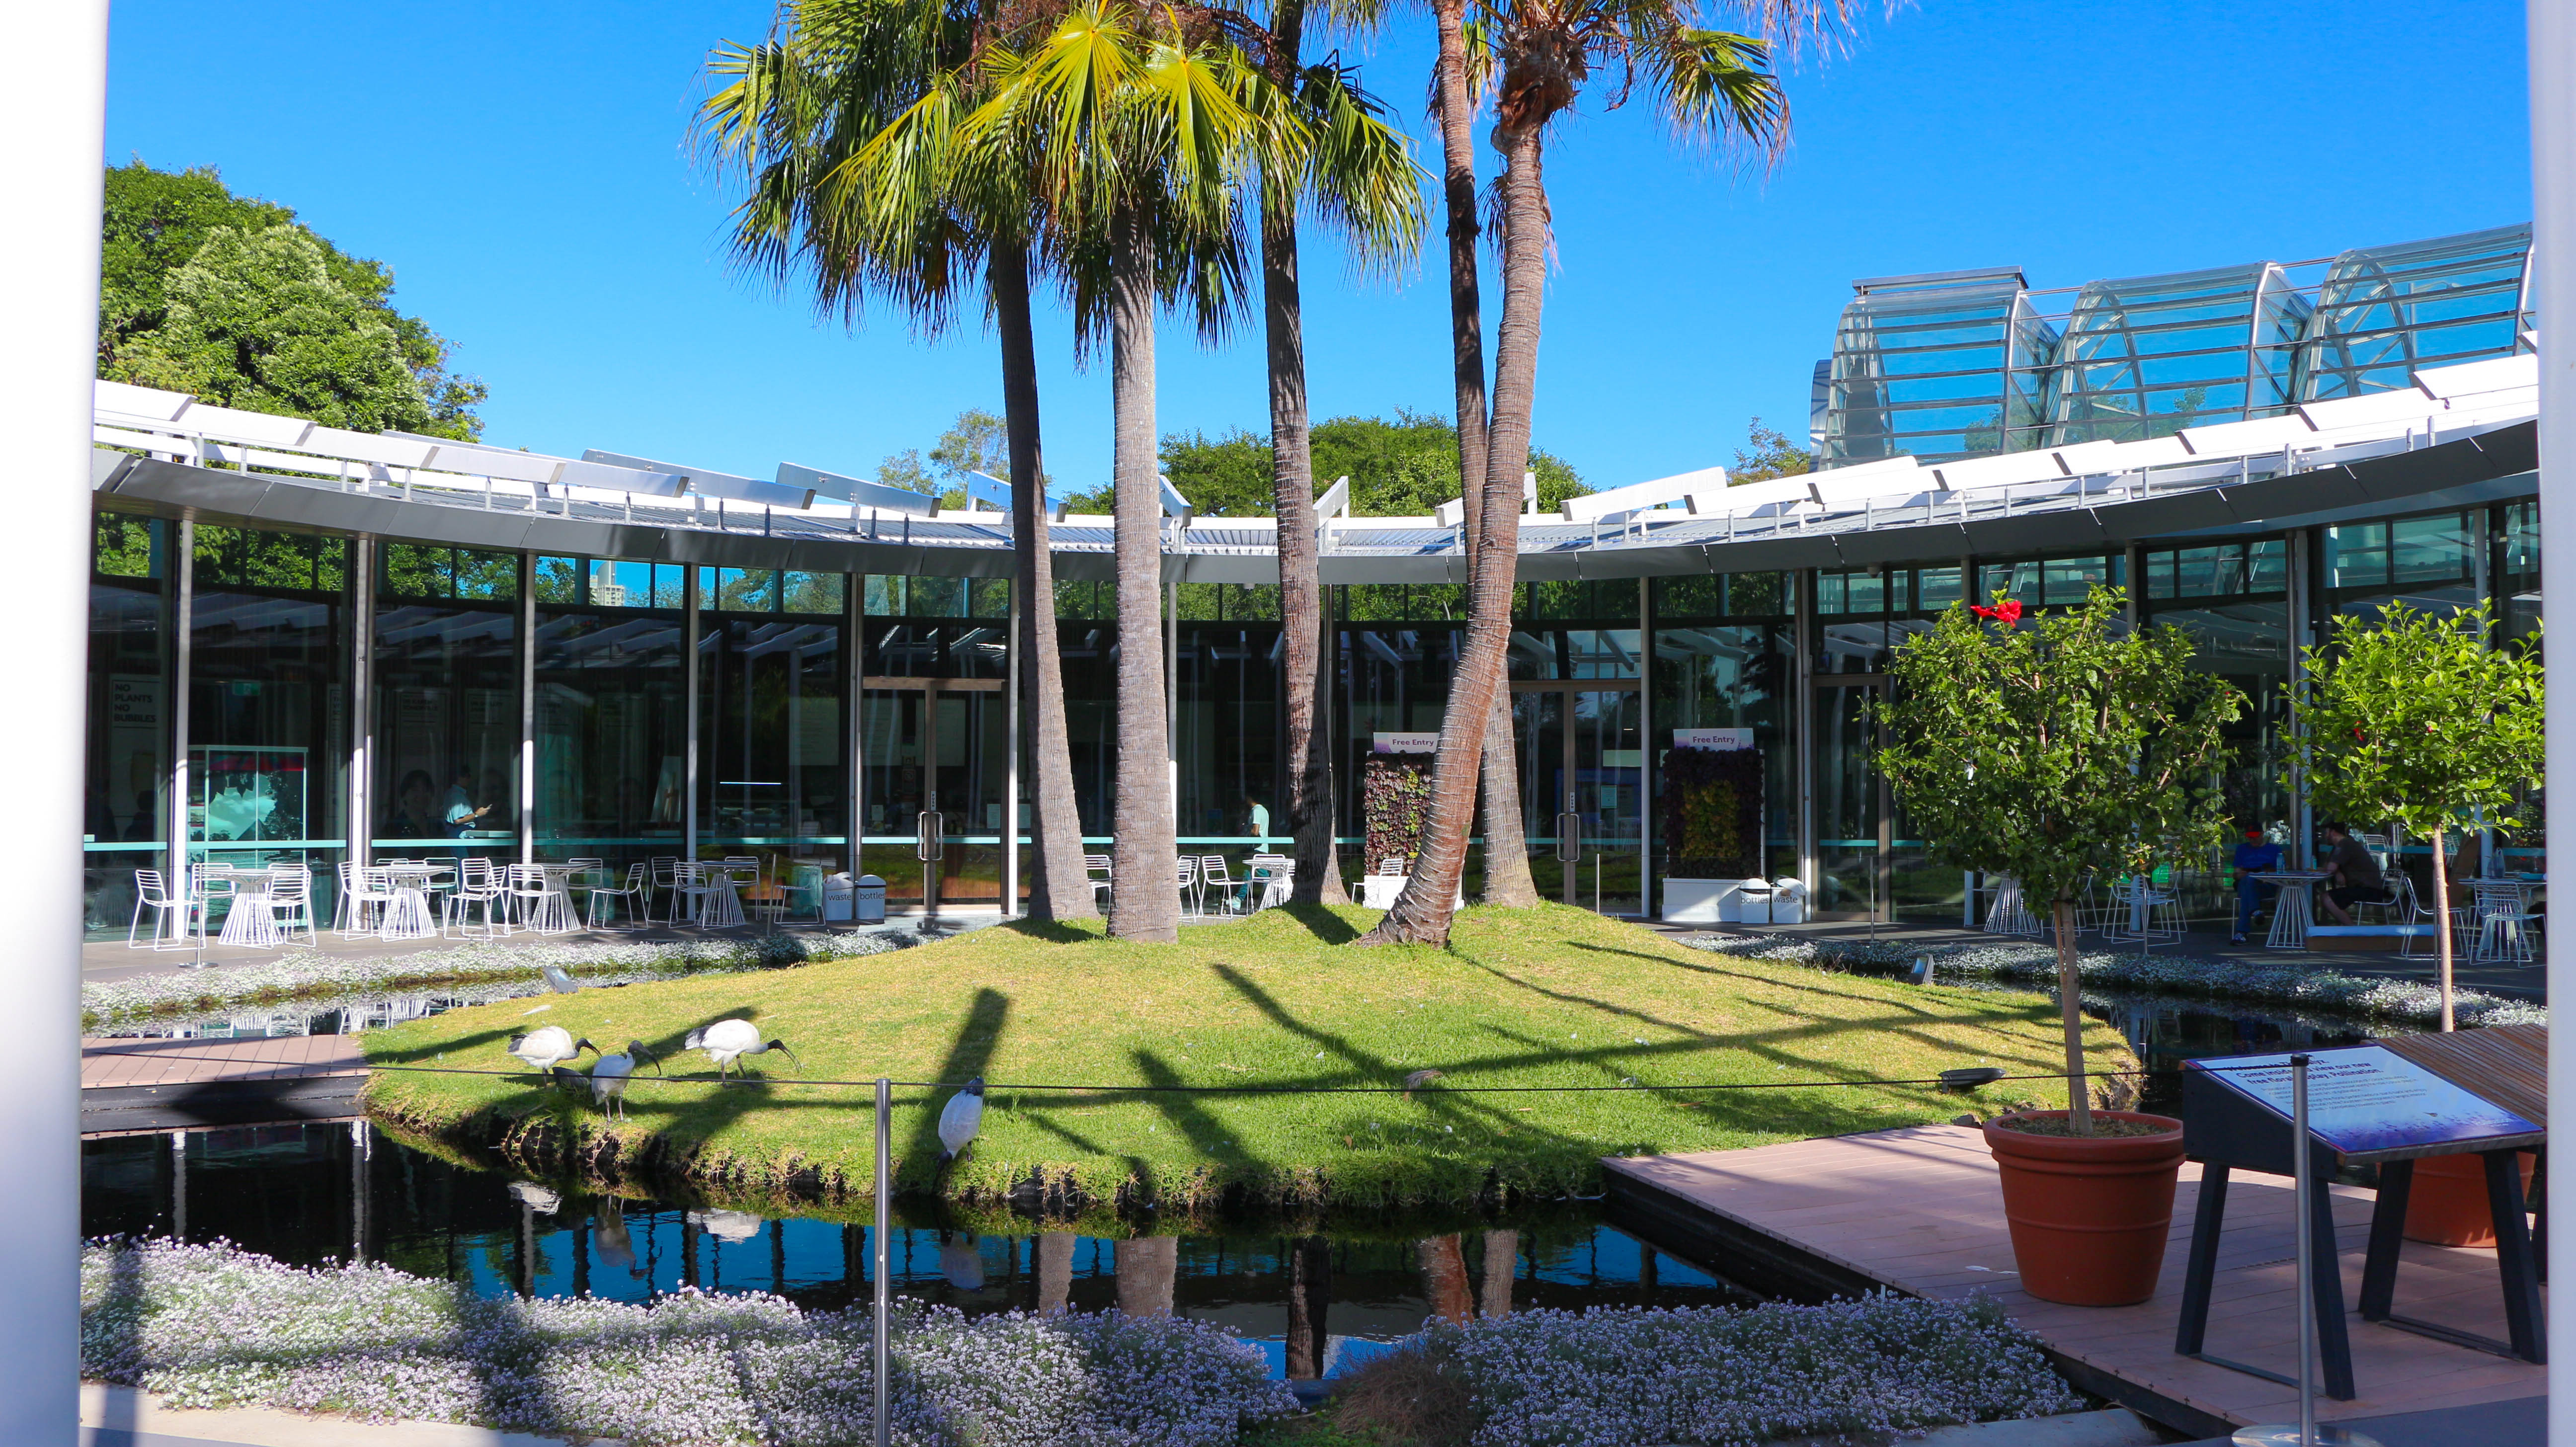 Calyx building in Royal Sydney Botanic Garden